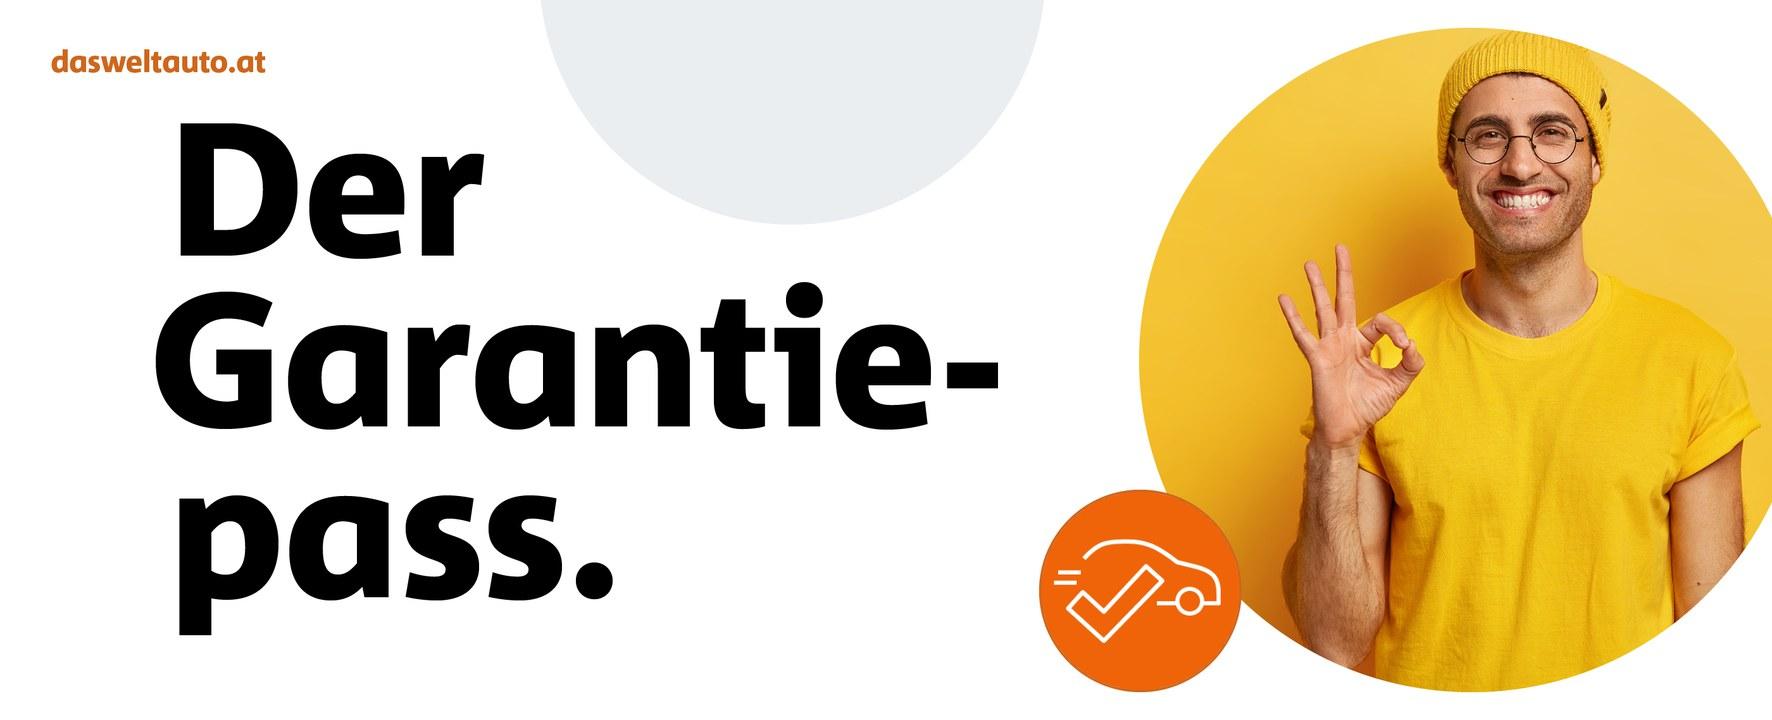 Image of Das WeltAuto. Garantie